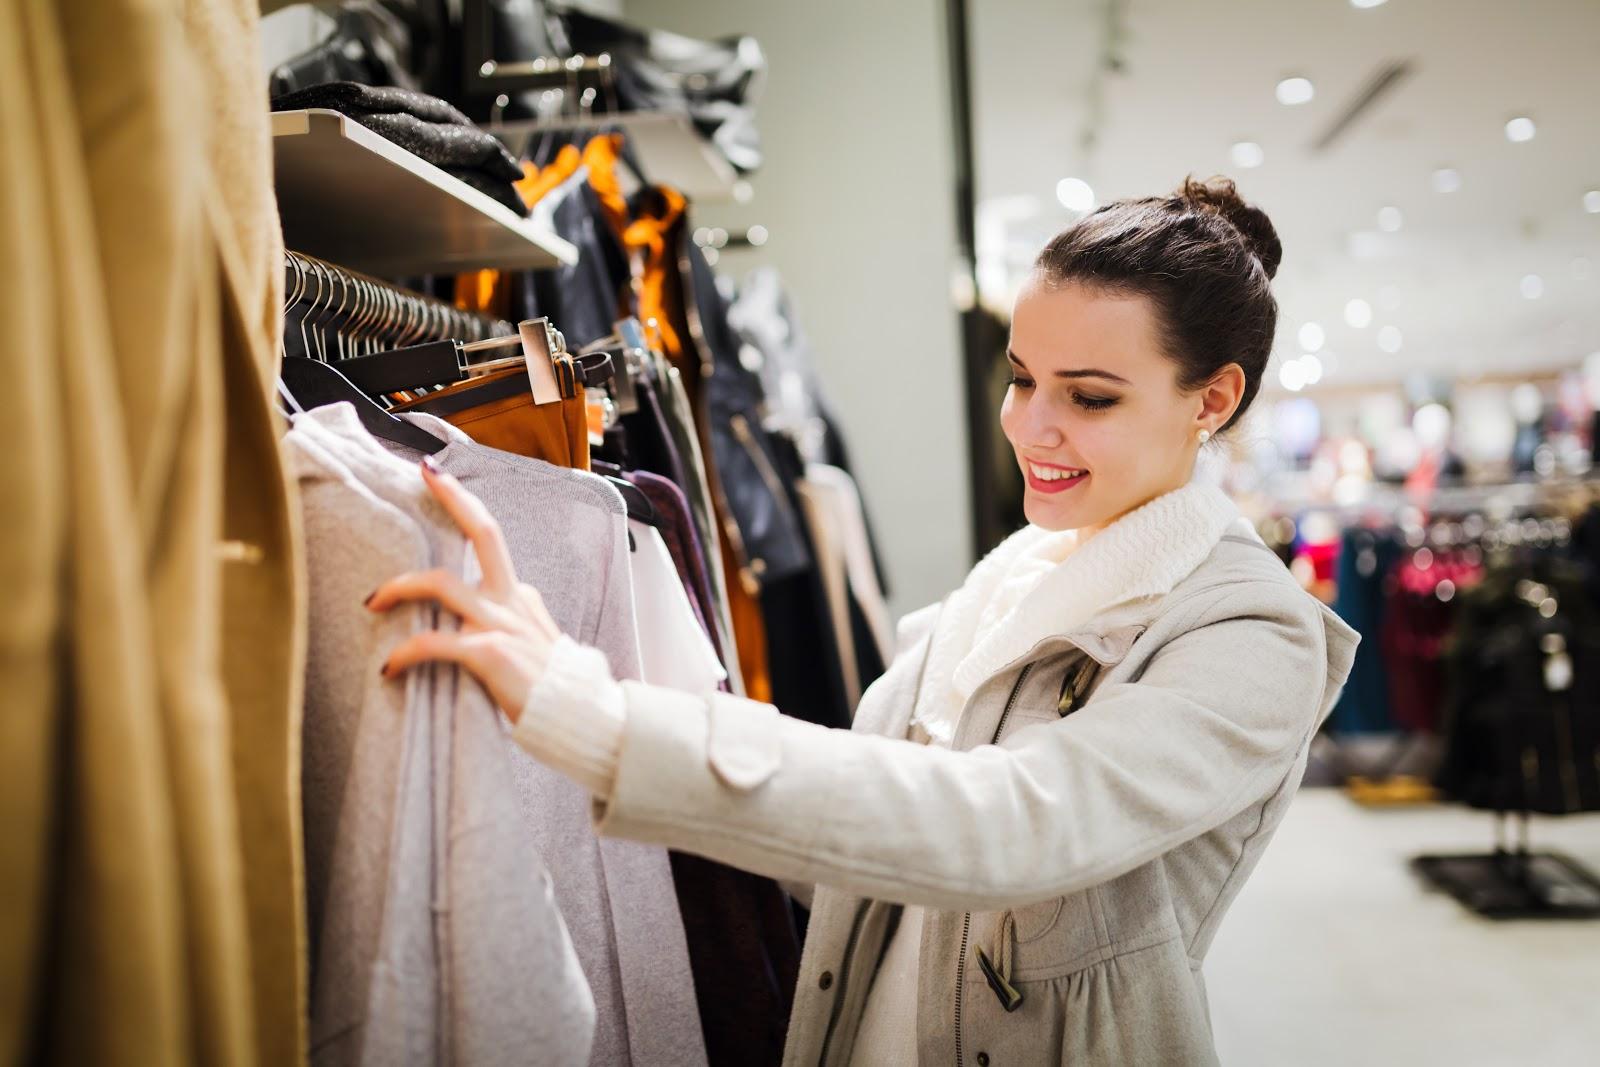 Osobista stylistka - 6 powodów, dla których warto skorzystać z jej usług